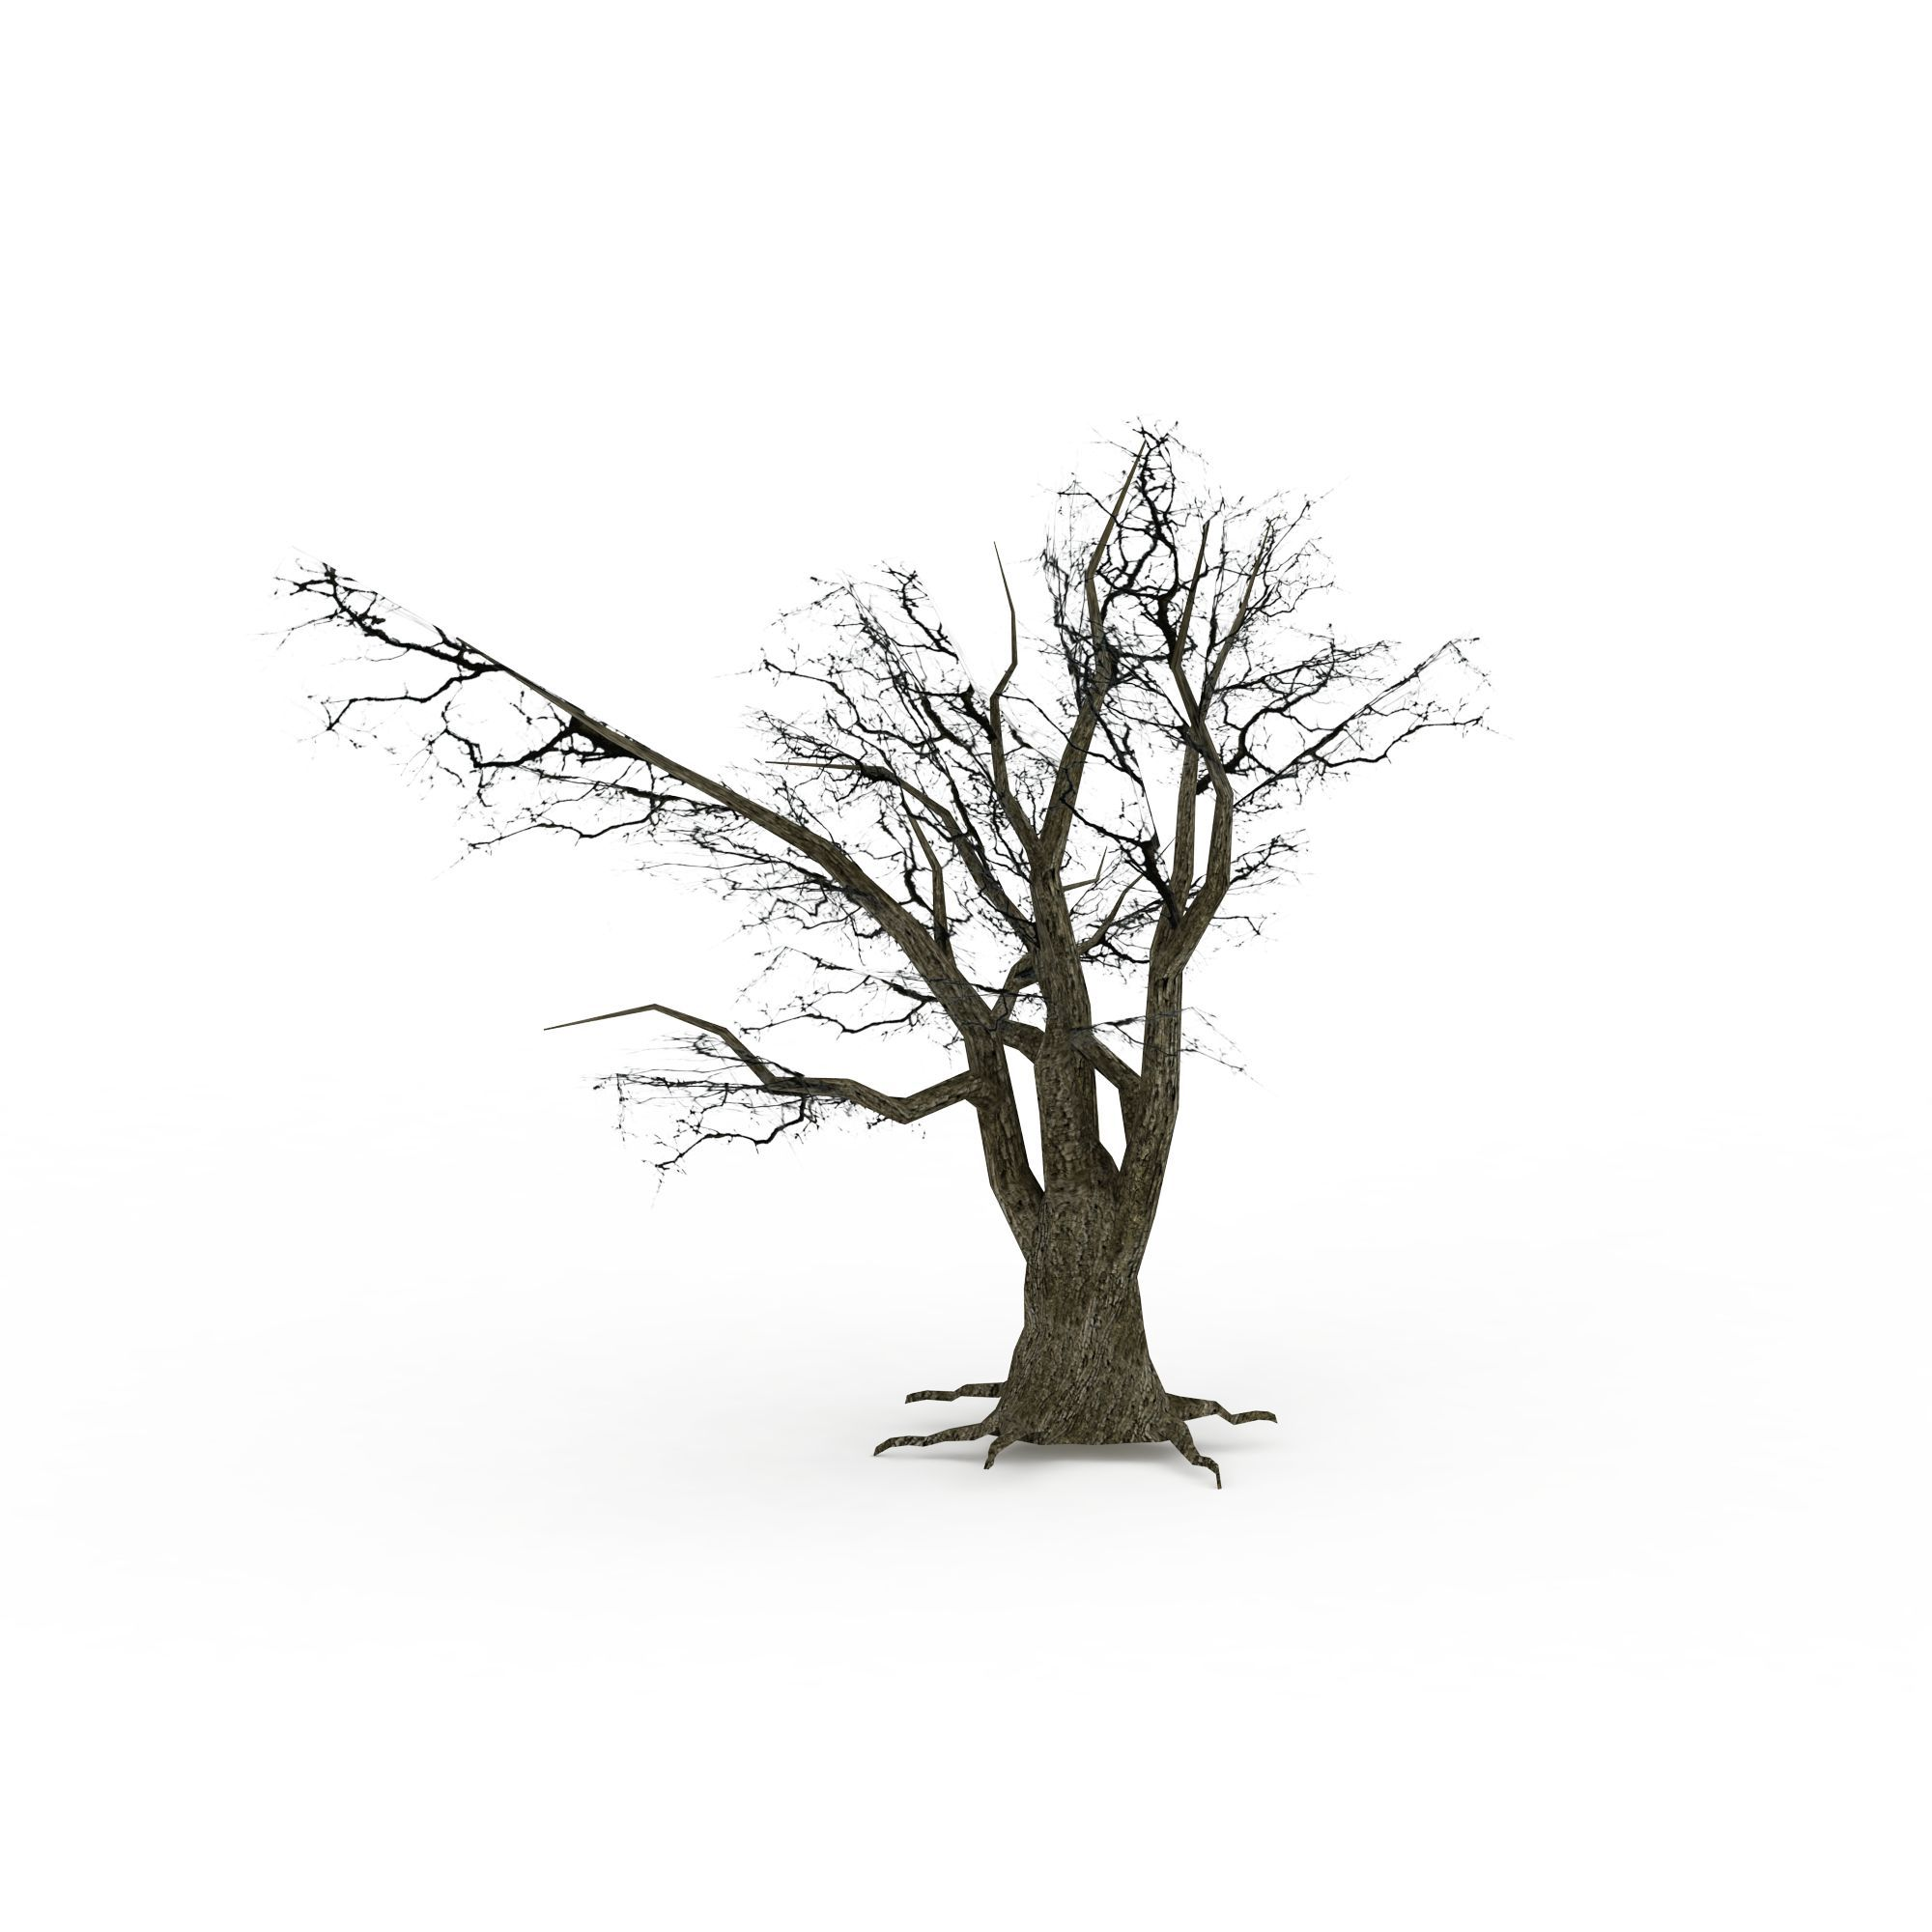 枯树图片_枯树png图片素材_枯树png高清图下载